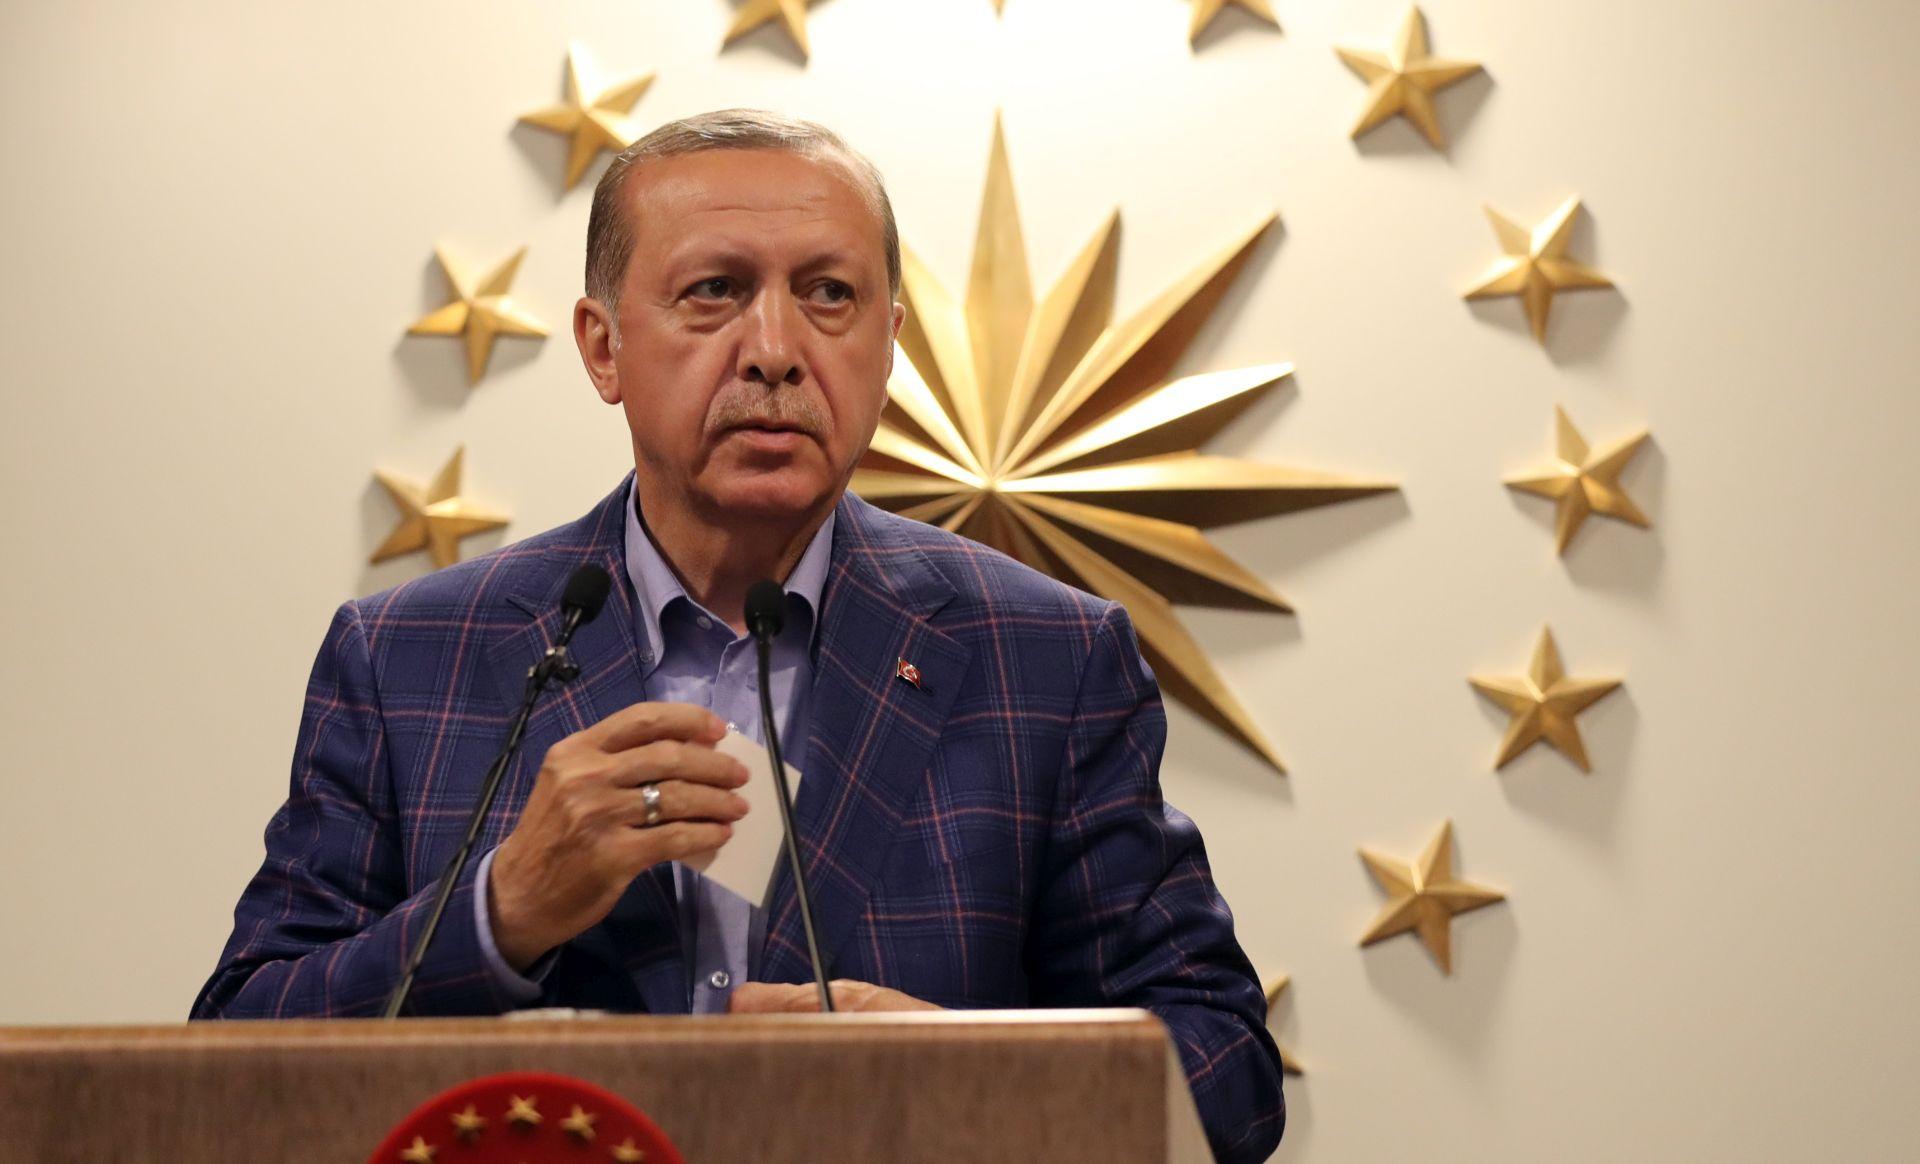 Putin čestitao Erdoganu na pobjedi na referendumu